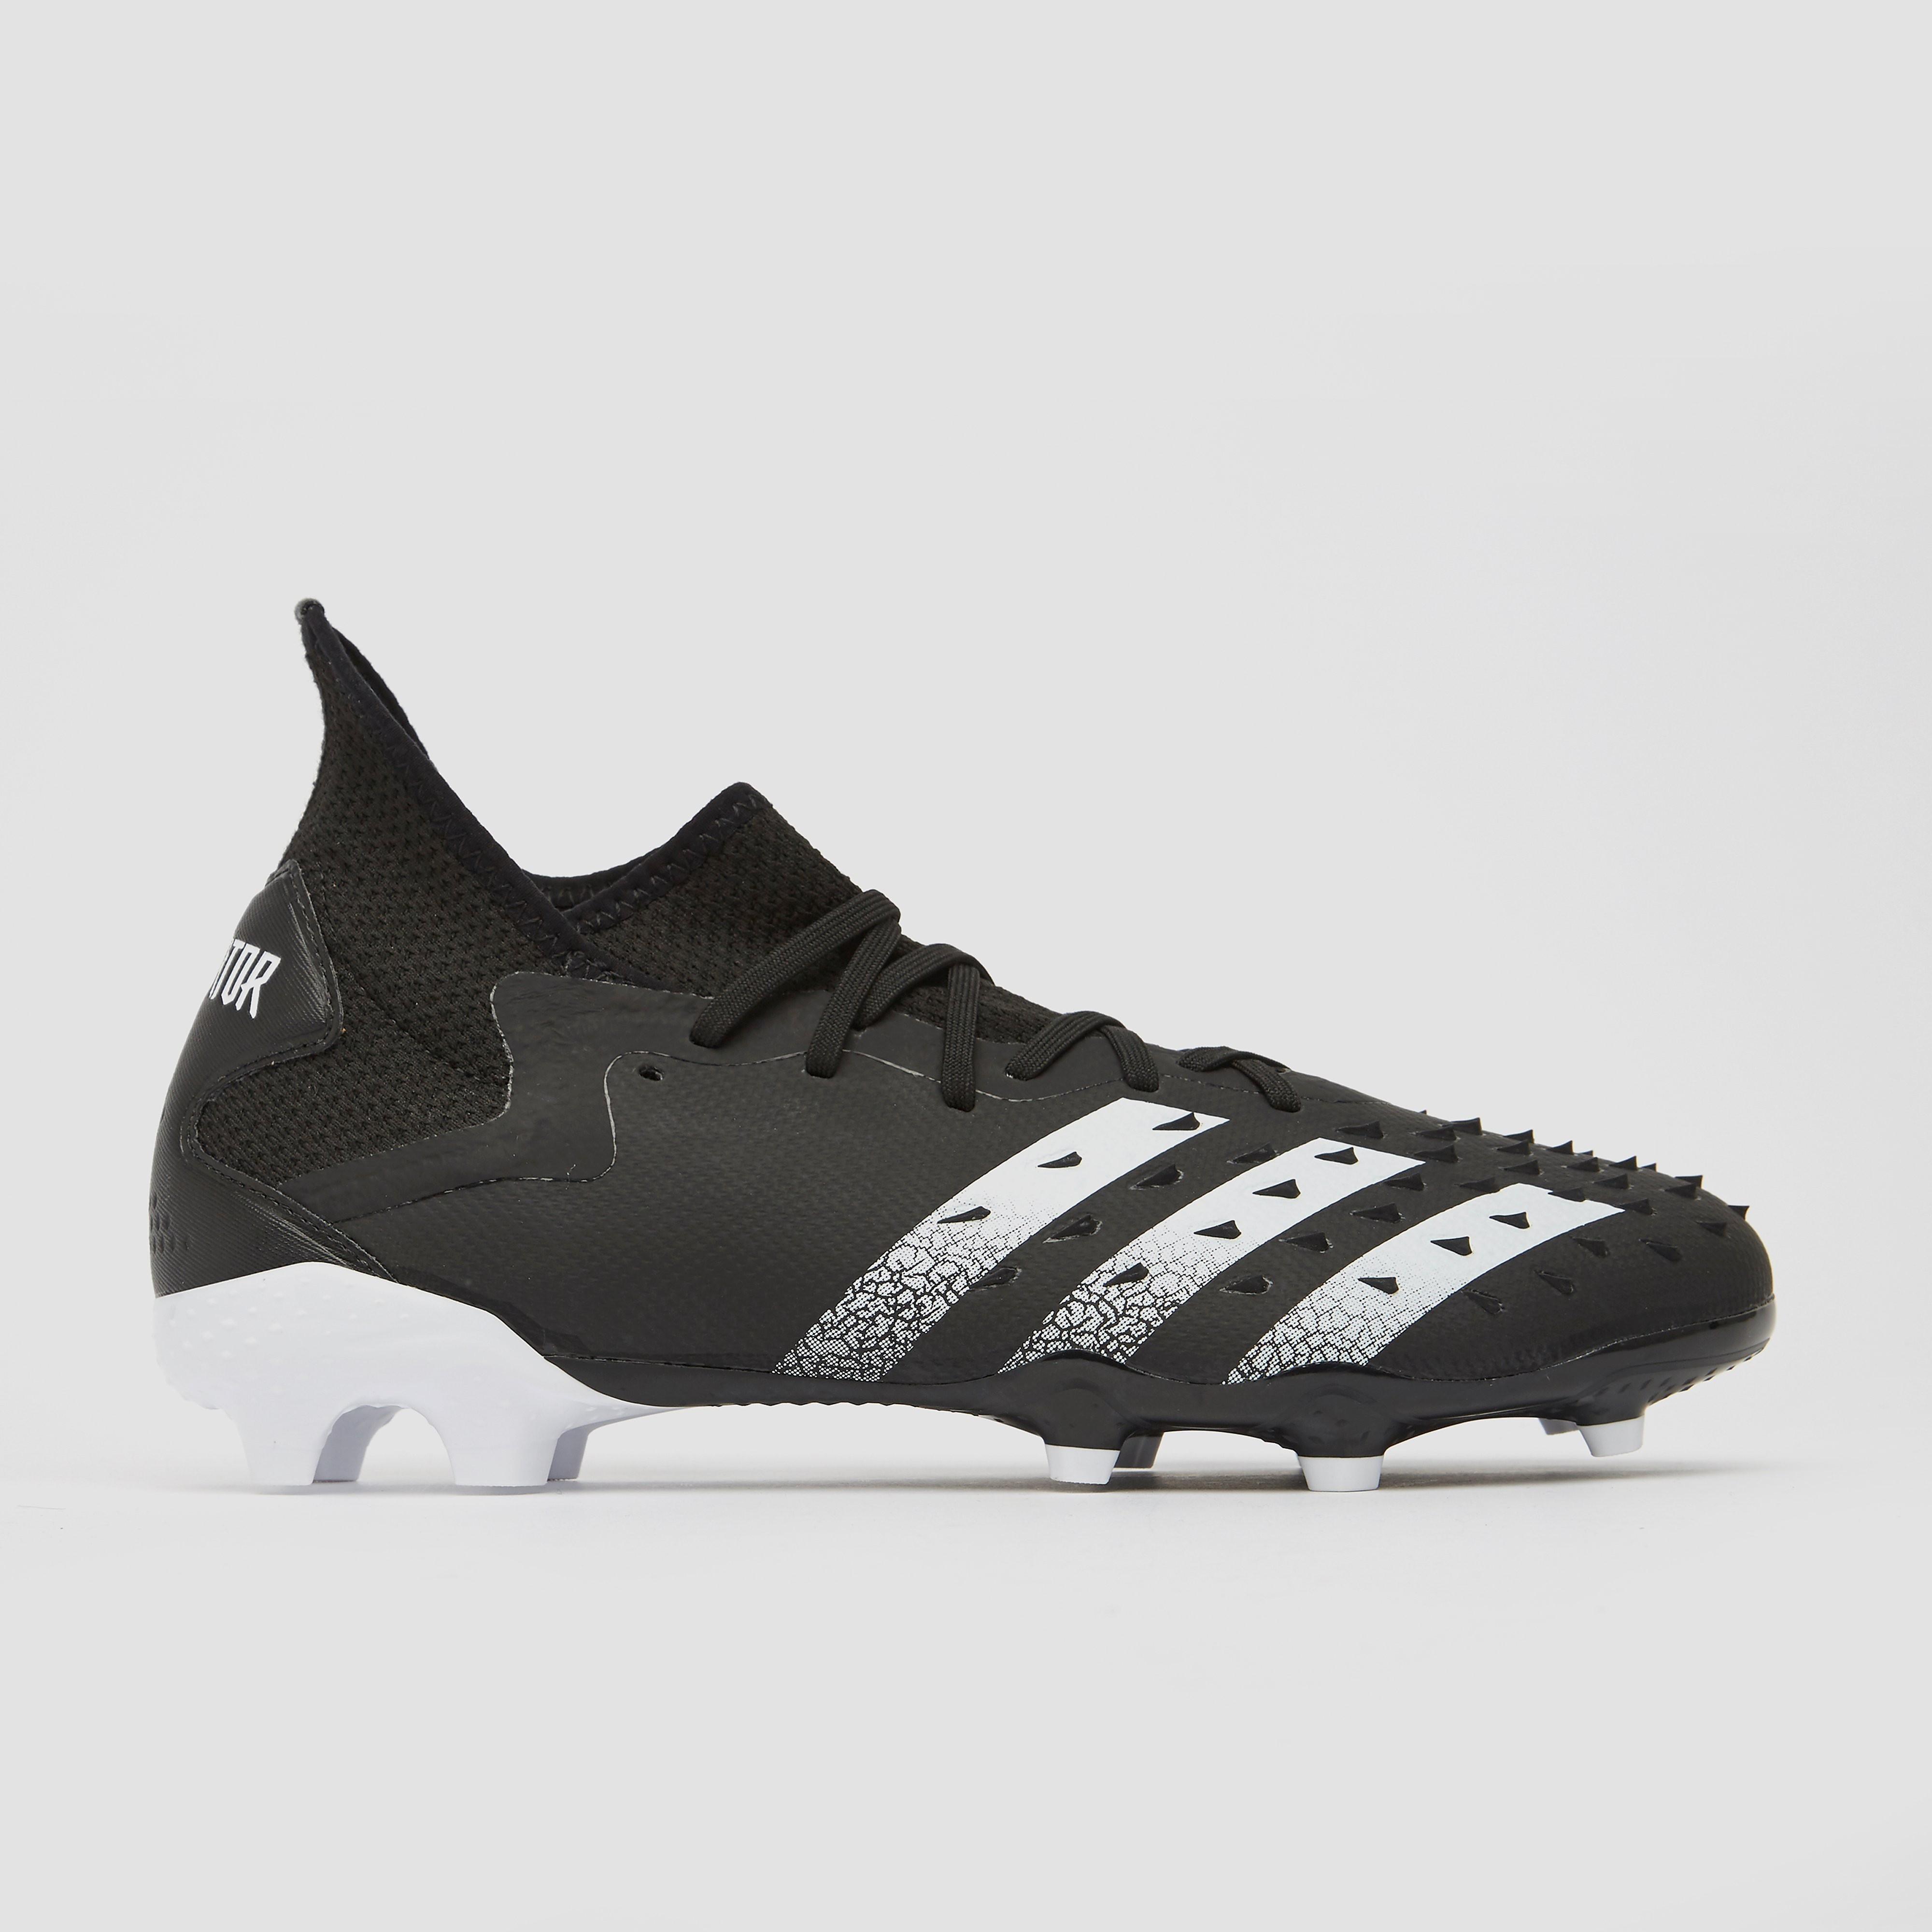 Adidas Predator freak.2 fg voetbalschoenen zwart Dames